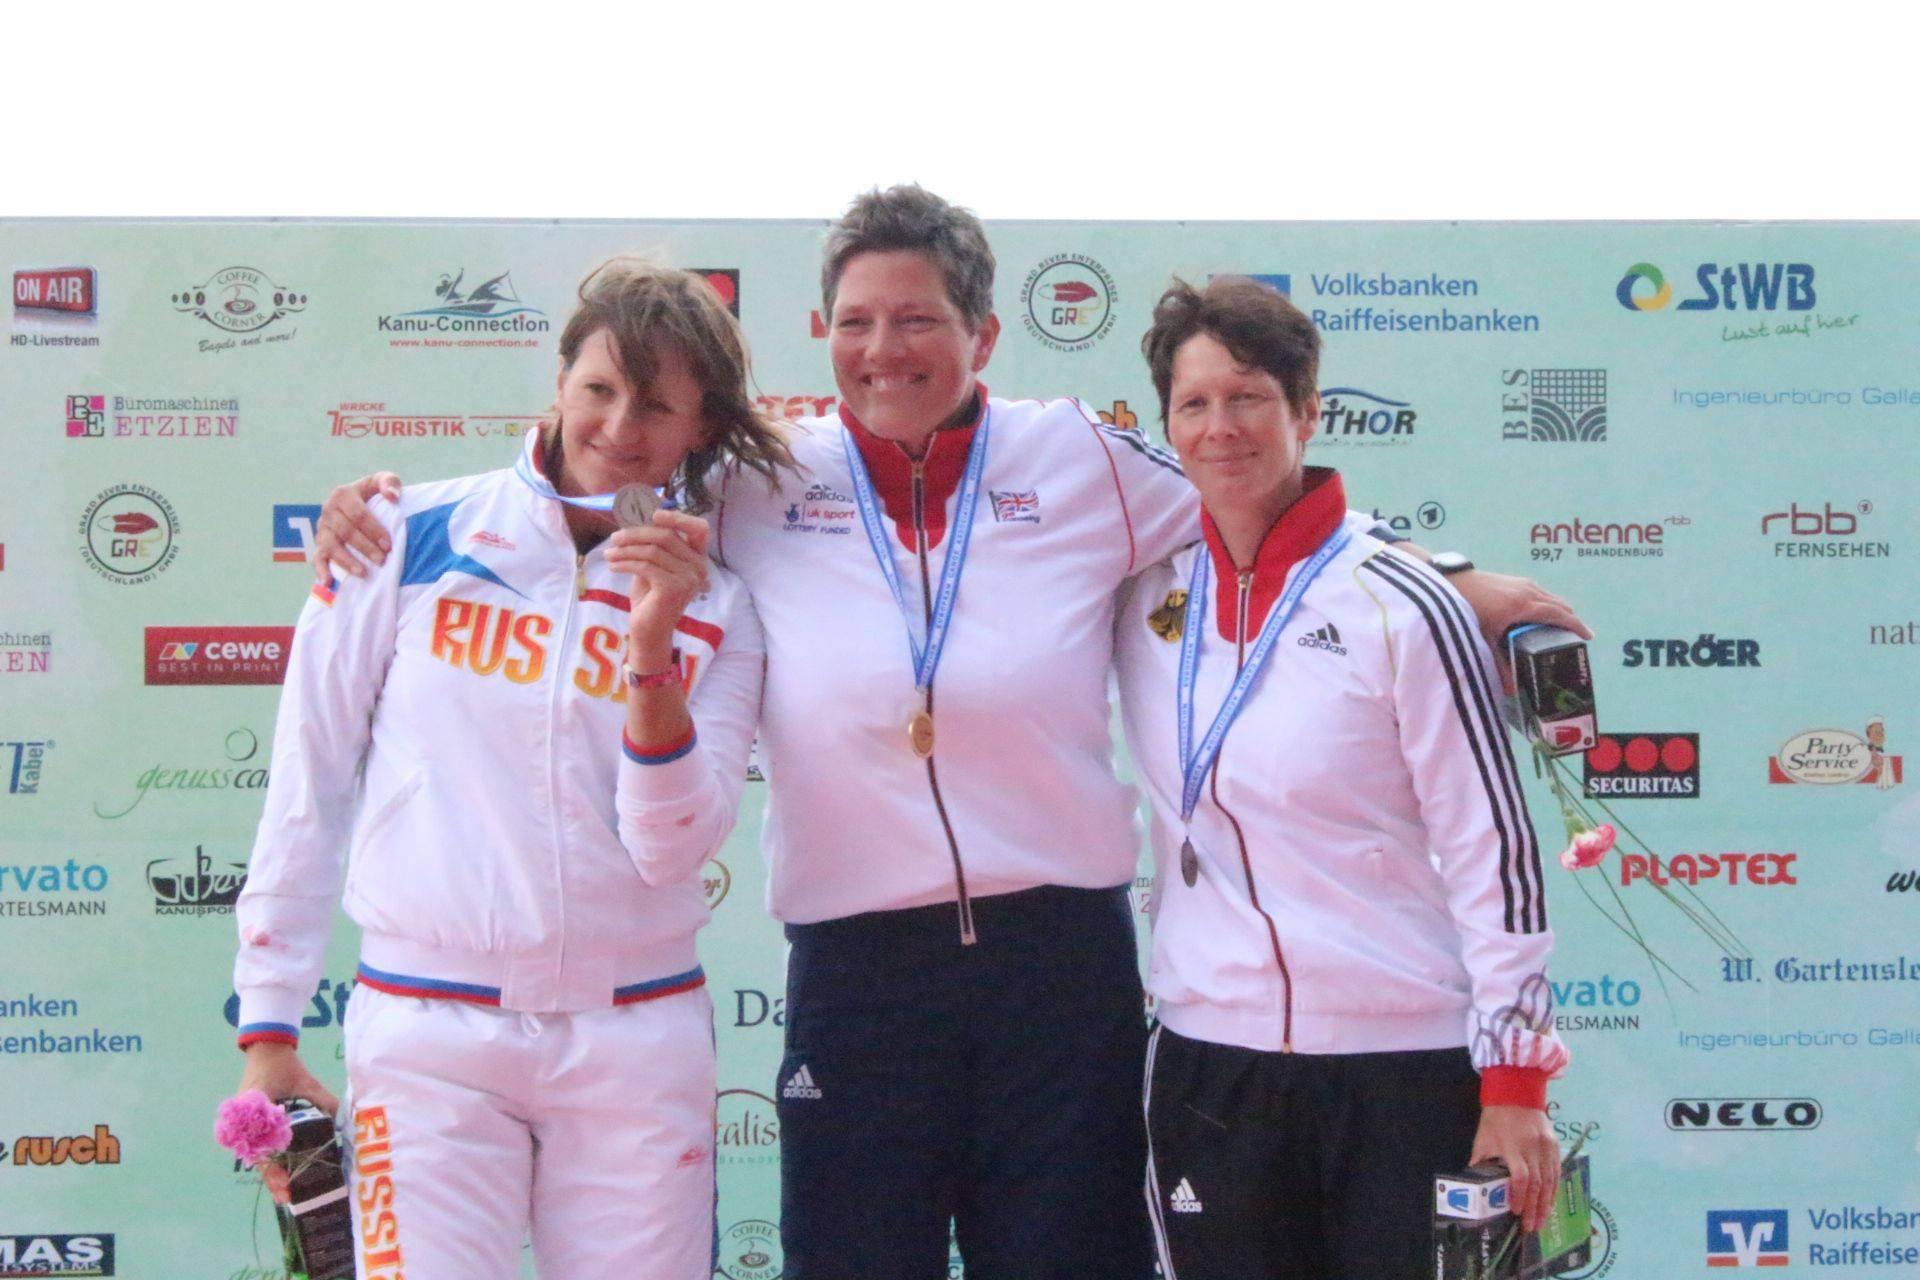 Сборная команда России по гребле на байдарках и каноэ спорта лиц с поражением опорно-двигательного аппарата завоевала две серебряных и одну бронзовую медали на чемпионате Европы, который завершился в г.Бранденбург-на-Хафеле (Германия)